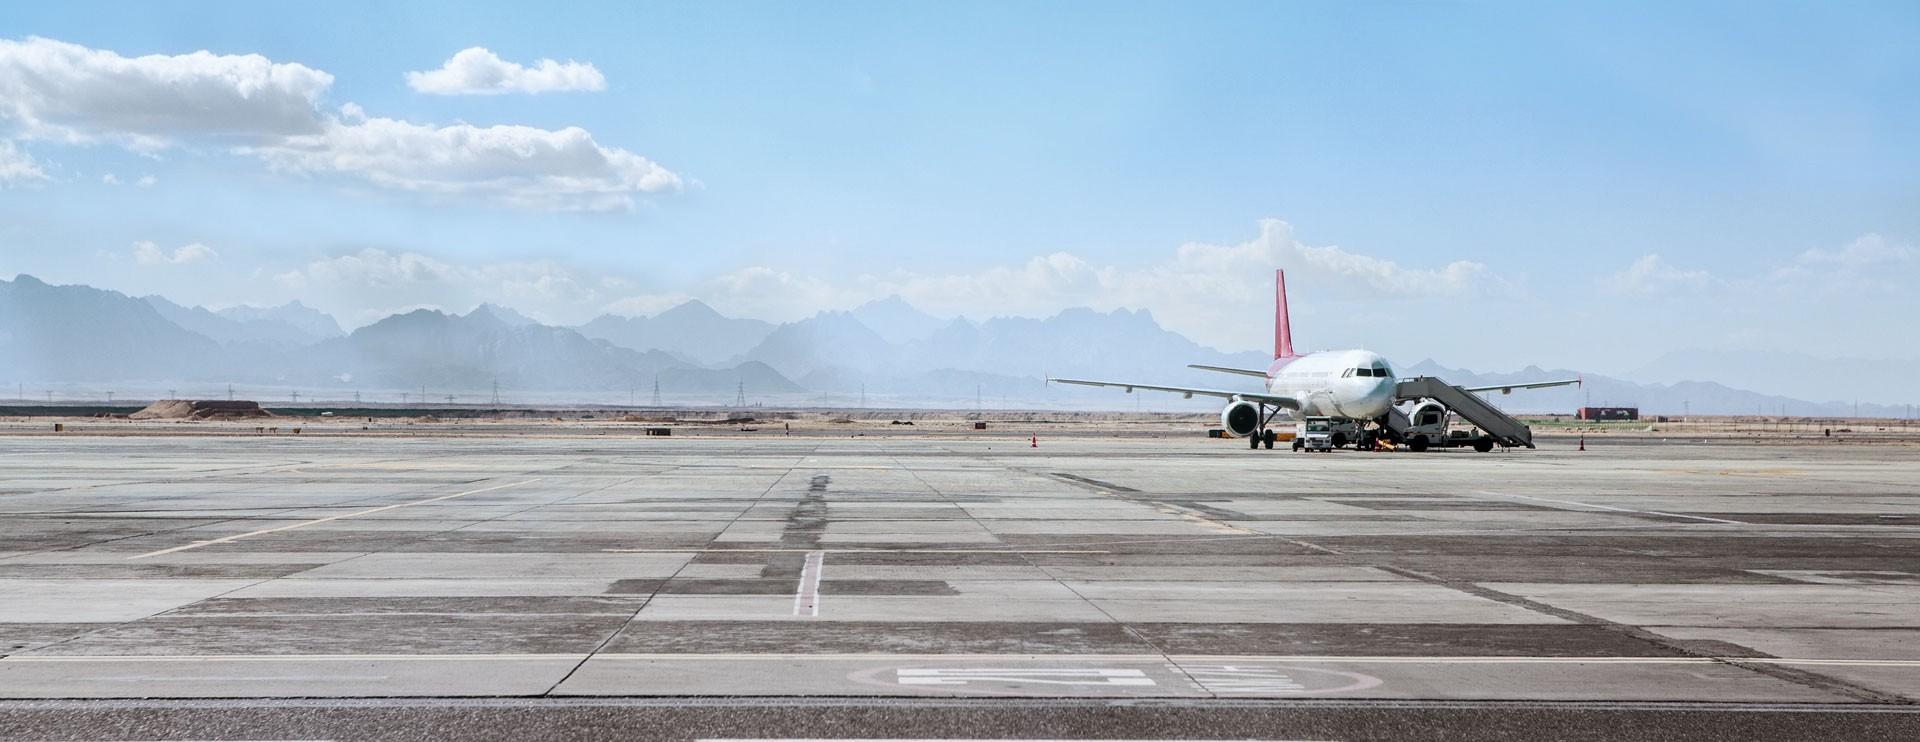 飞机停在机场上